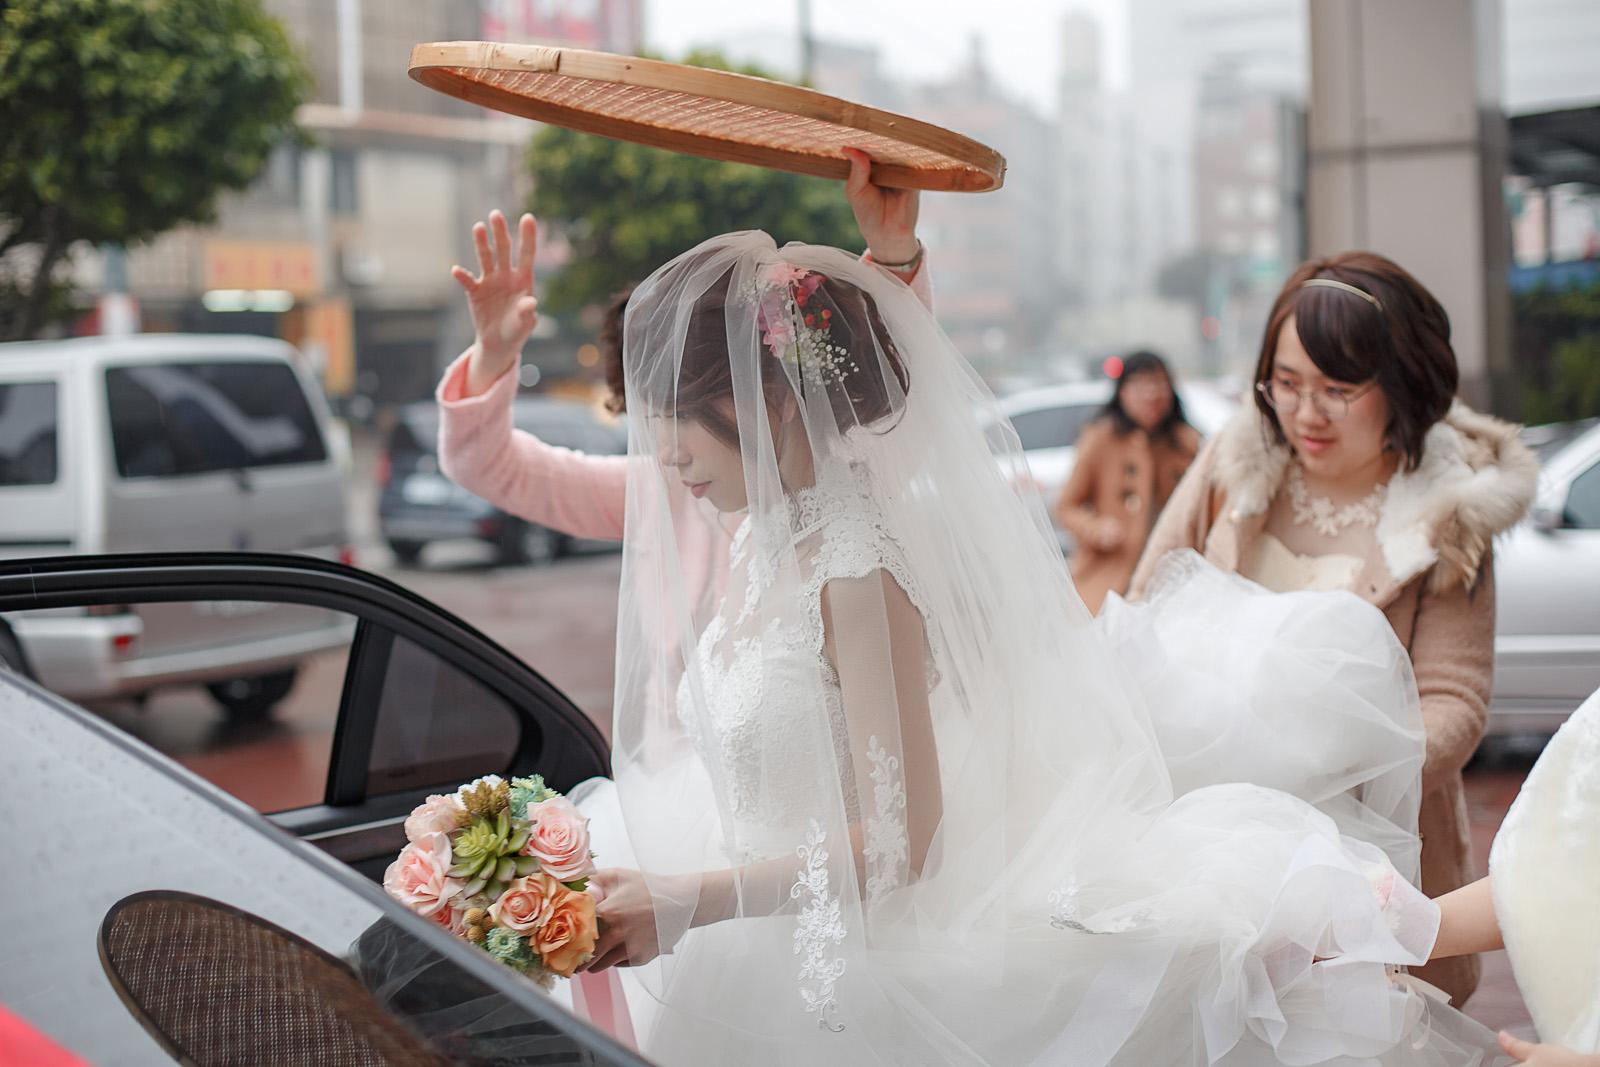 高雄圓山飯店,婚禮攝影,婚攝,高雄婚攝,優質婚攝推薦,Jen&Ethan-161